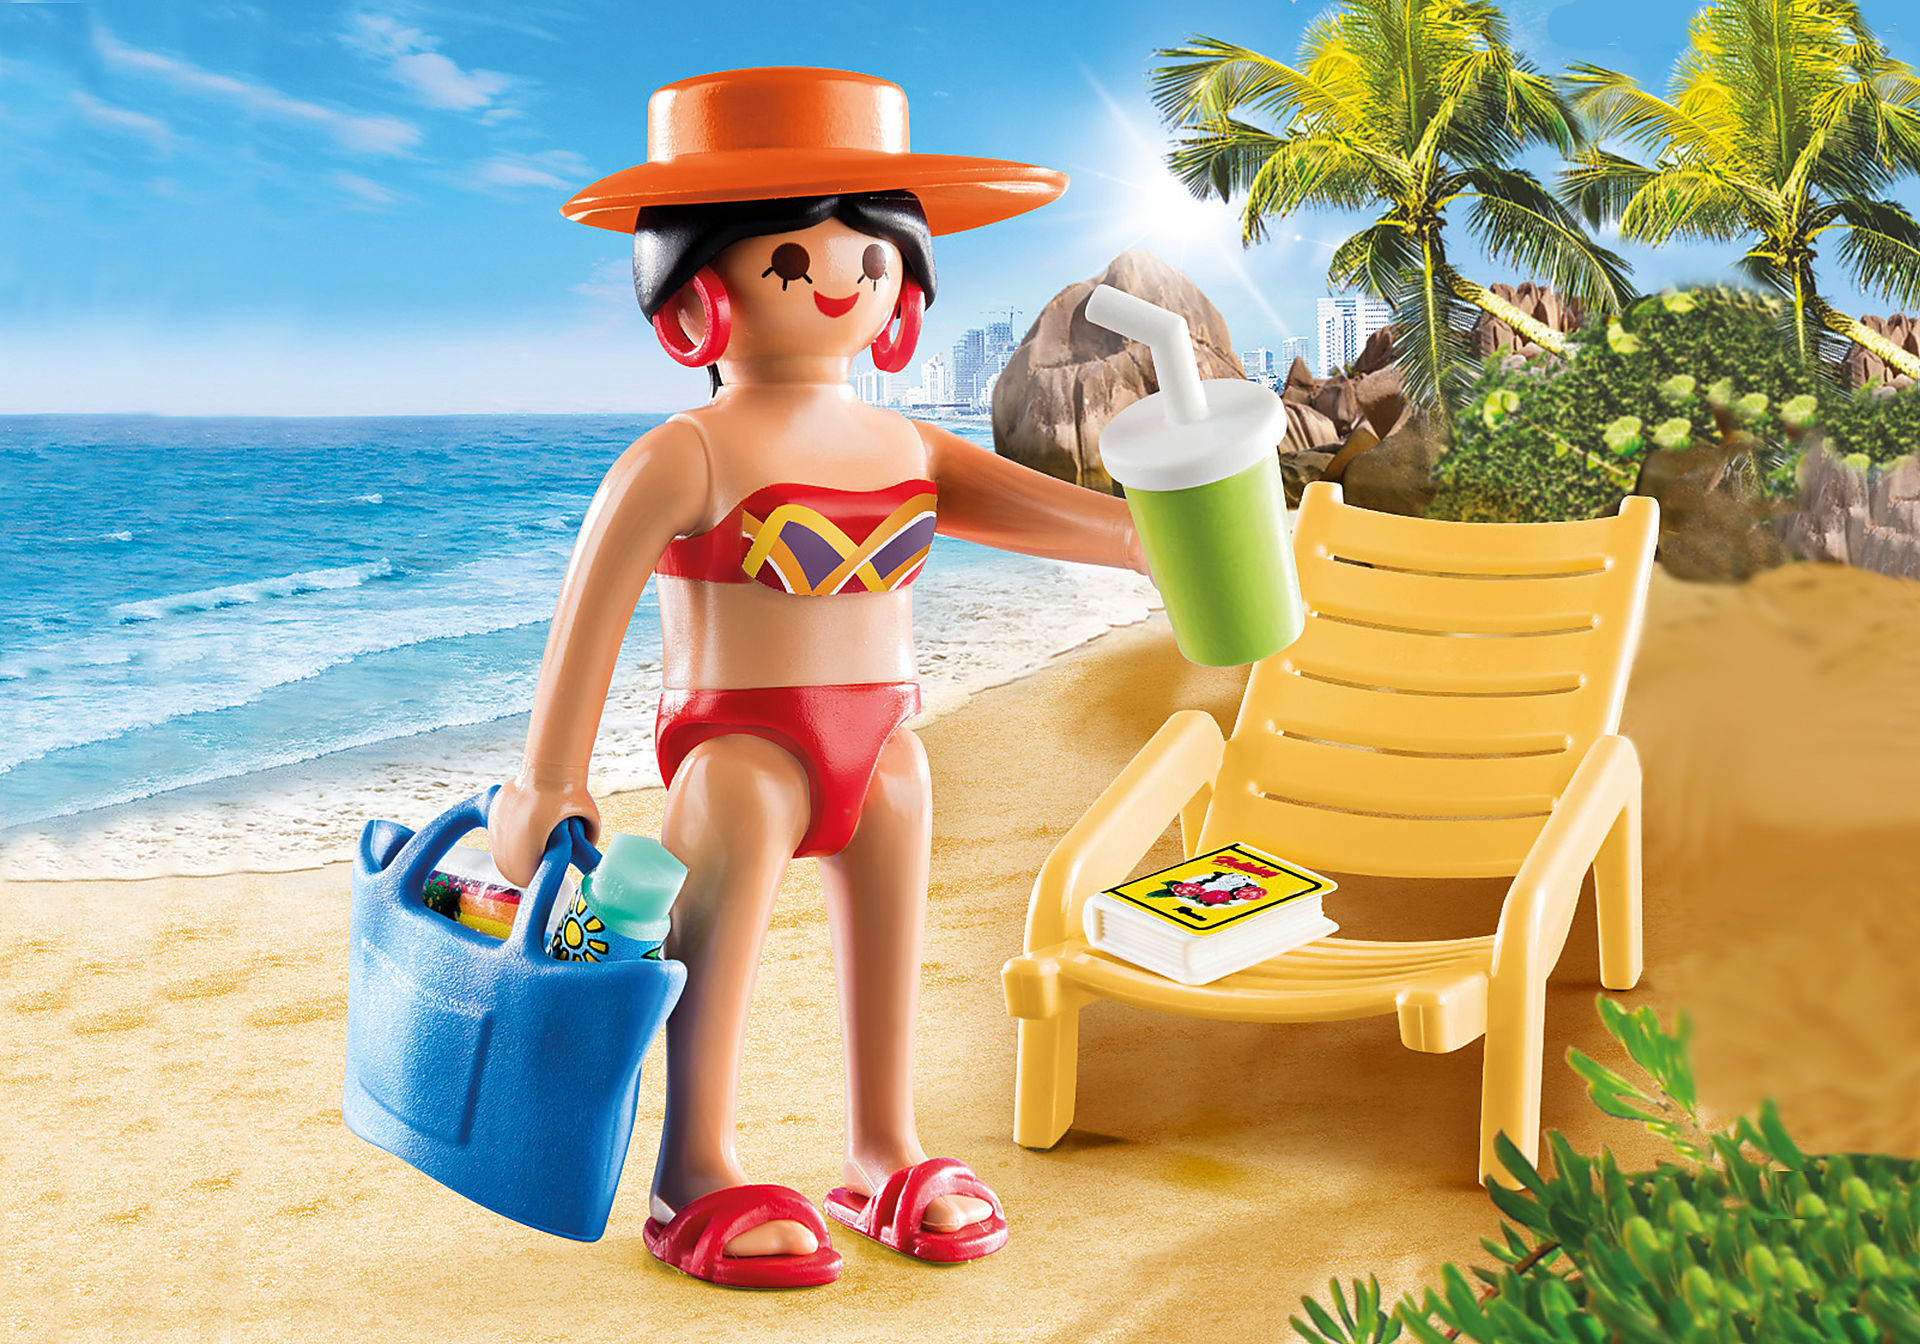 70300 Donna in vacanza con sedia a sdraio zoom image1